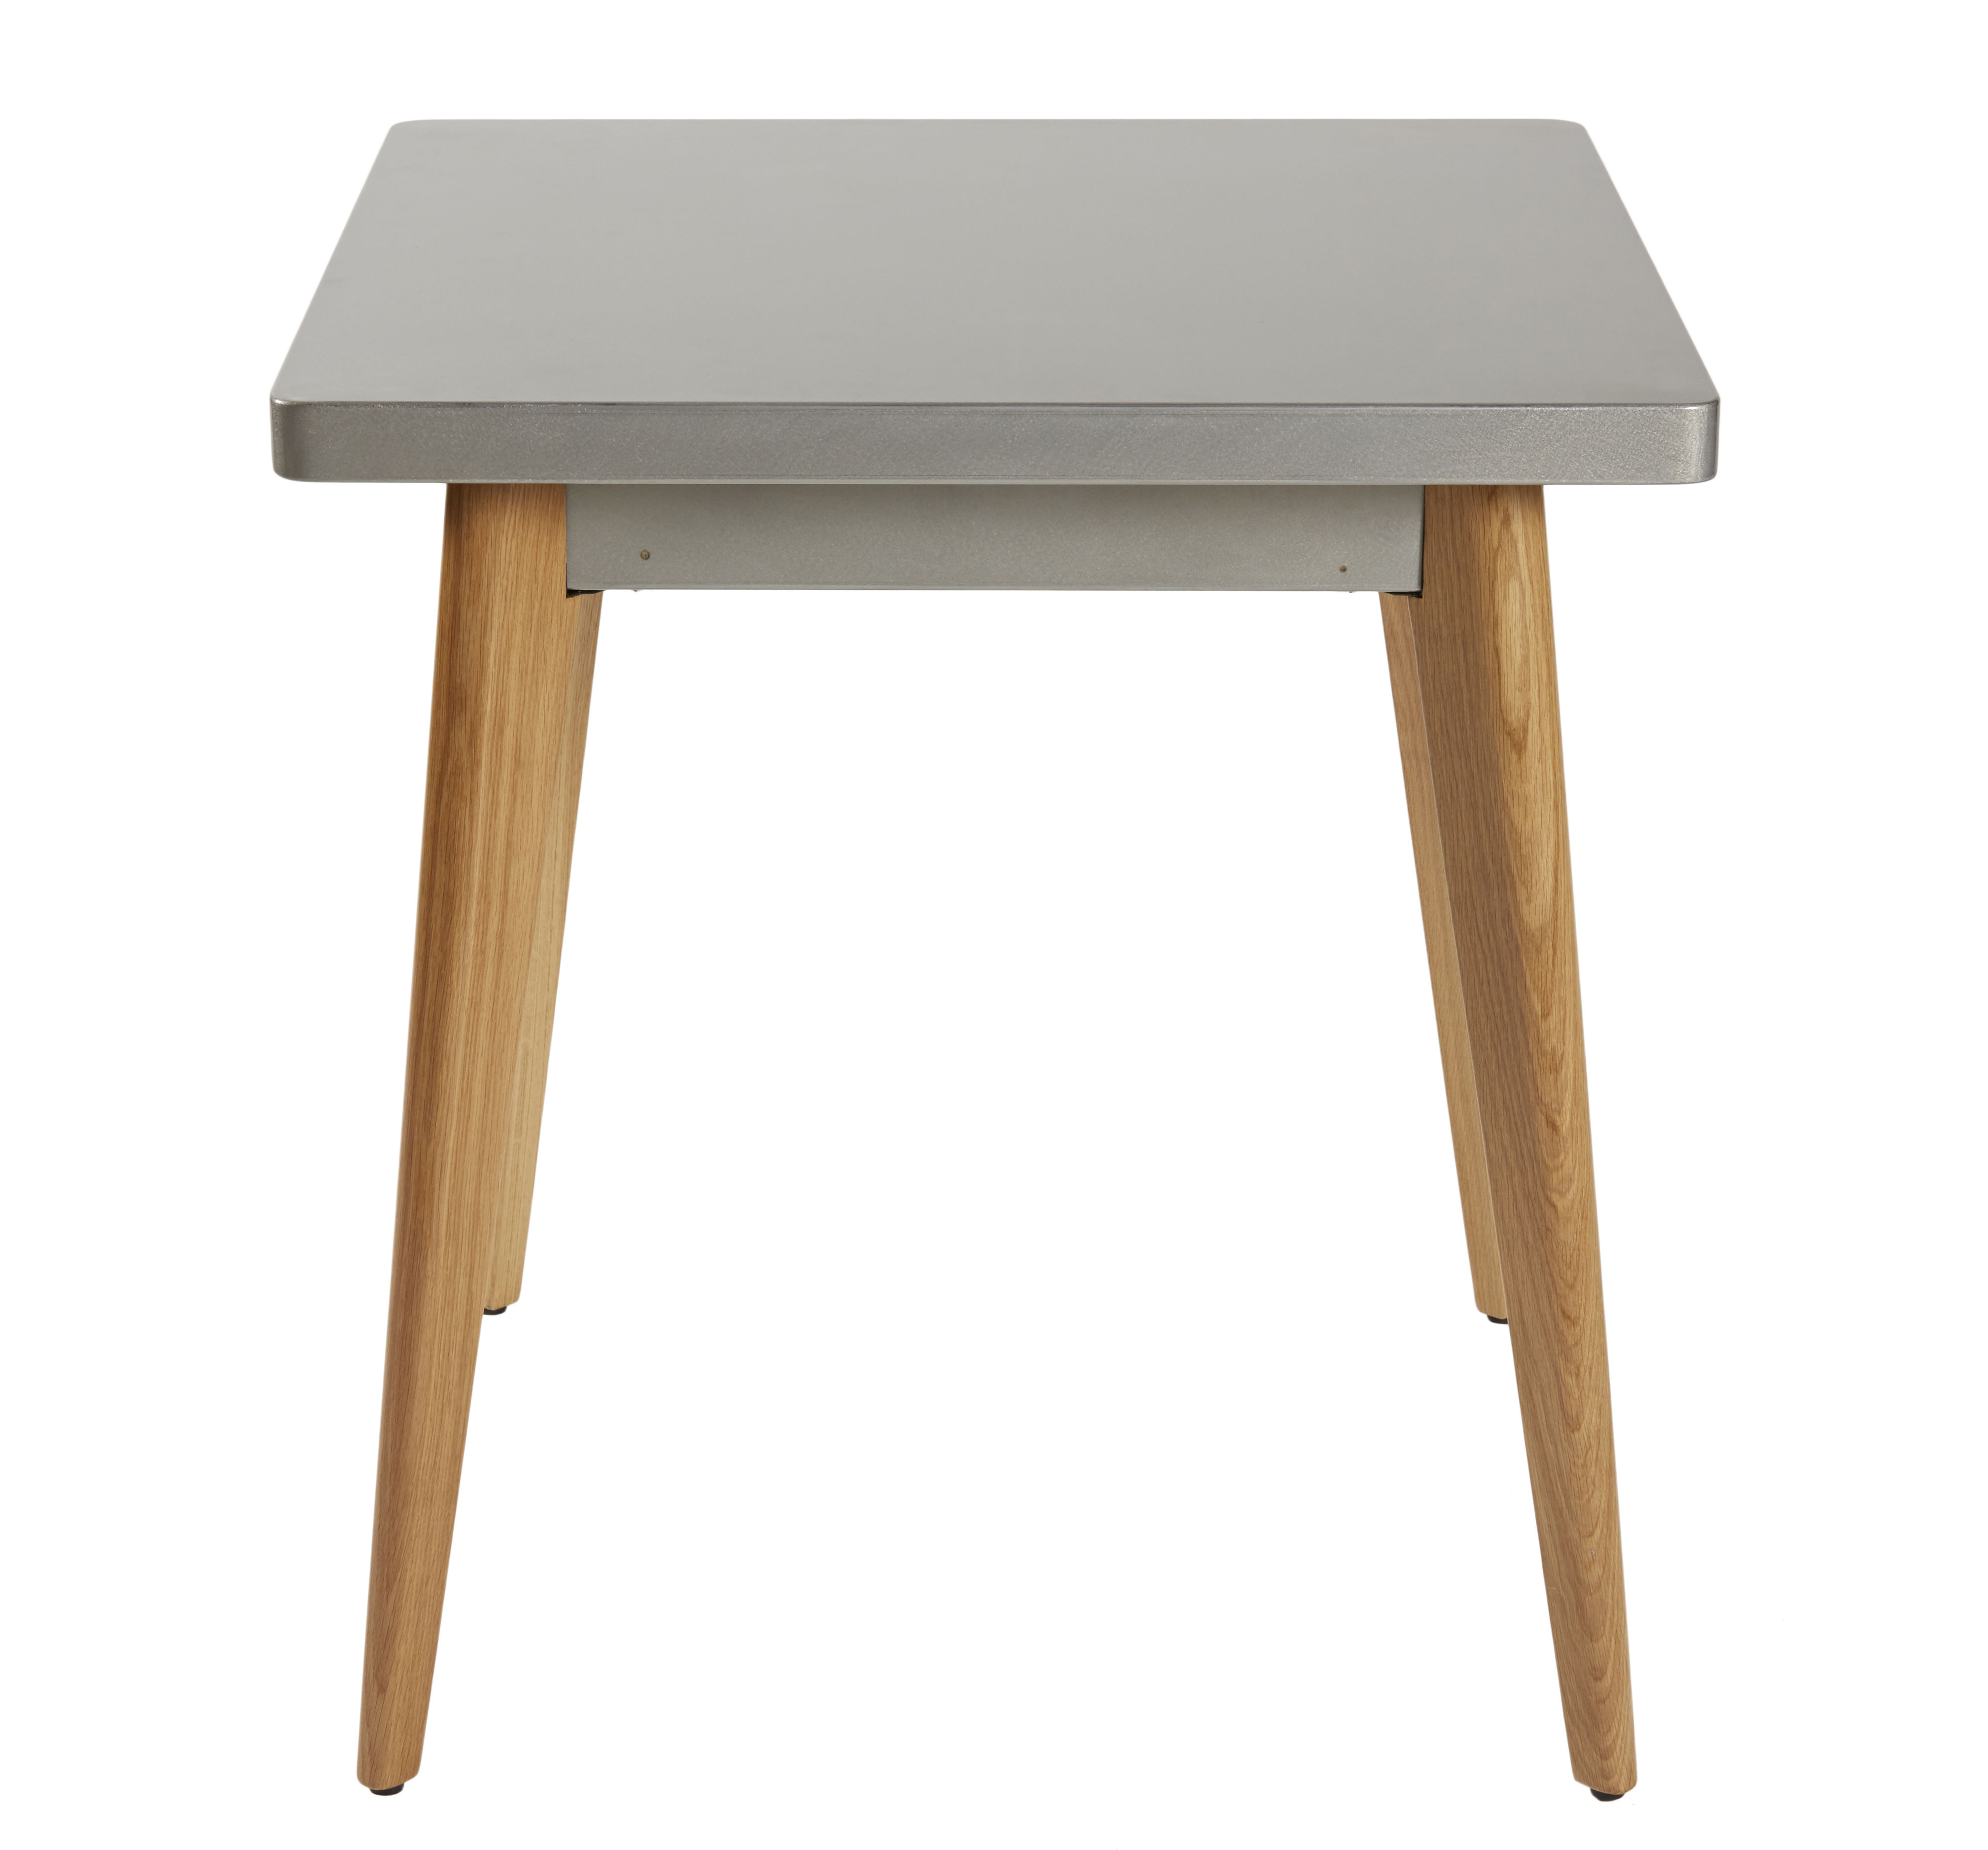 55 Tisch 70 X 70 Cm Metall Fusse Aus Holz Samtgrau Fusse